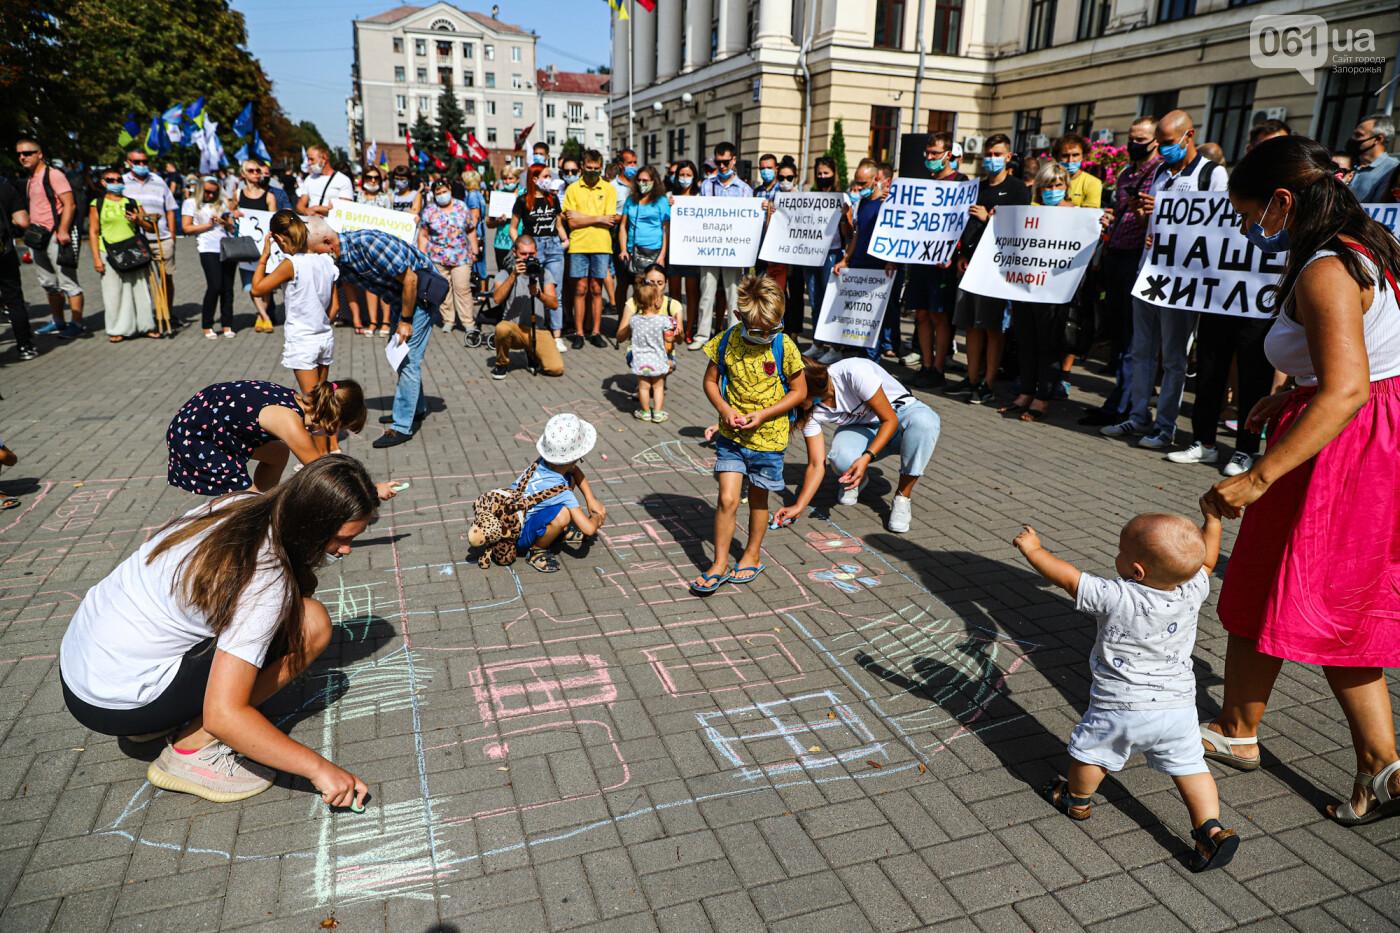 «Я выплачиваю кредит за воздух»: жильцы недостроенных многоэтажек вышли на митинг под стенами мэрии, - ФОТОРЕПОРТАЖ, фото-14